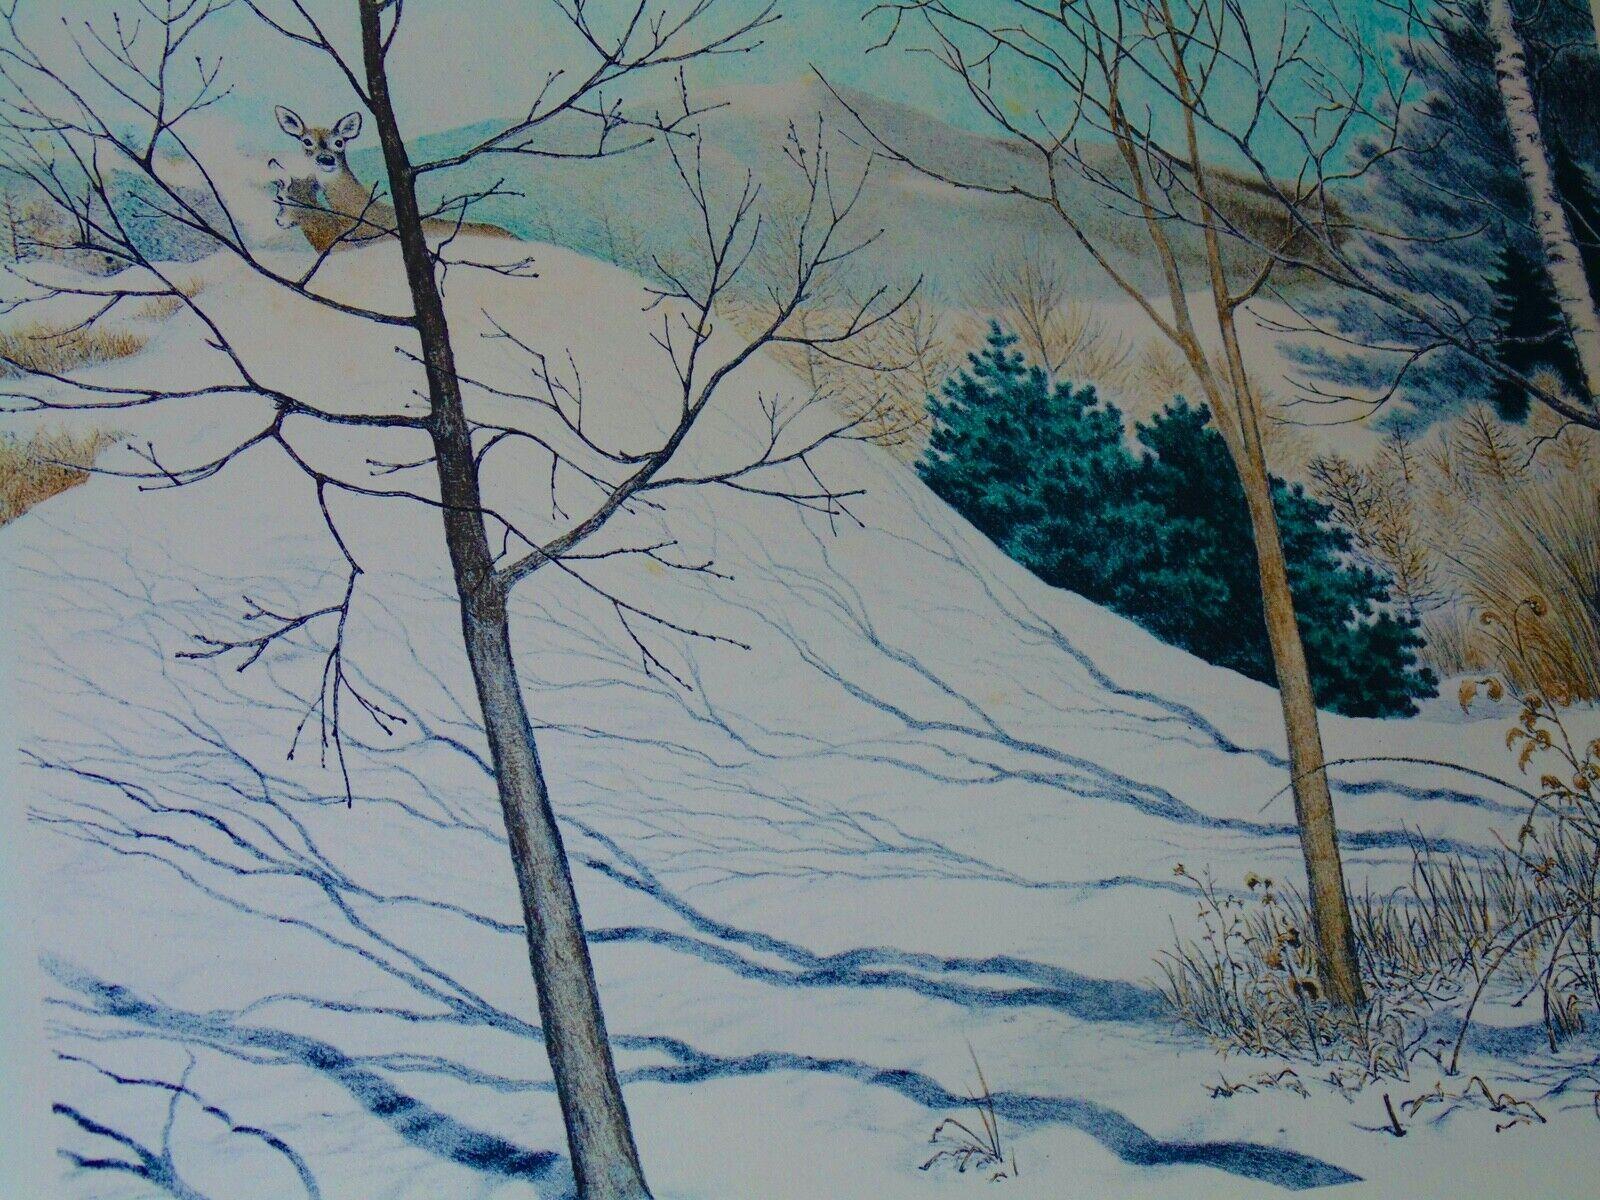 MEL HUNTER VINTAGE X - LARGE ORIGINAL LITHOGRAPH S/N WINTER SNOW DEER LISTED-NR - $95.00